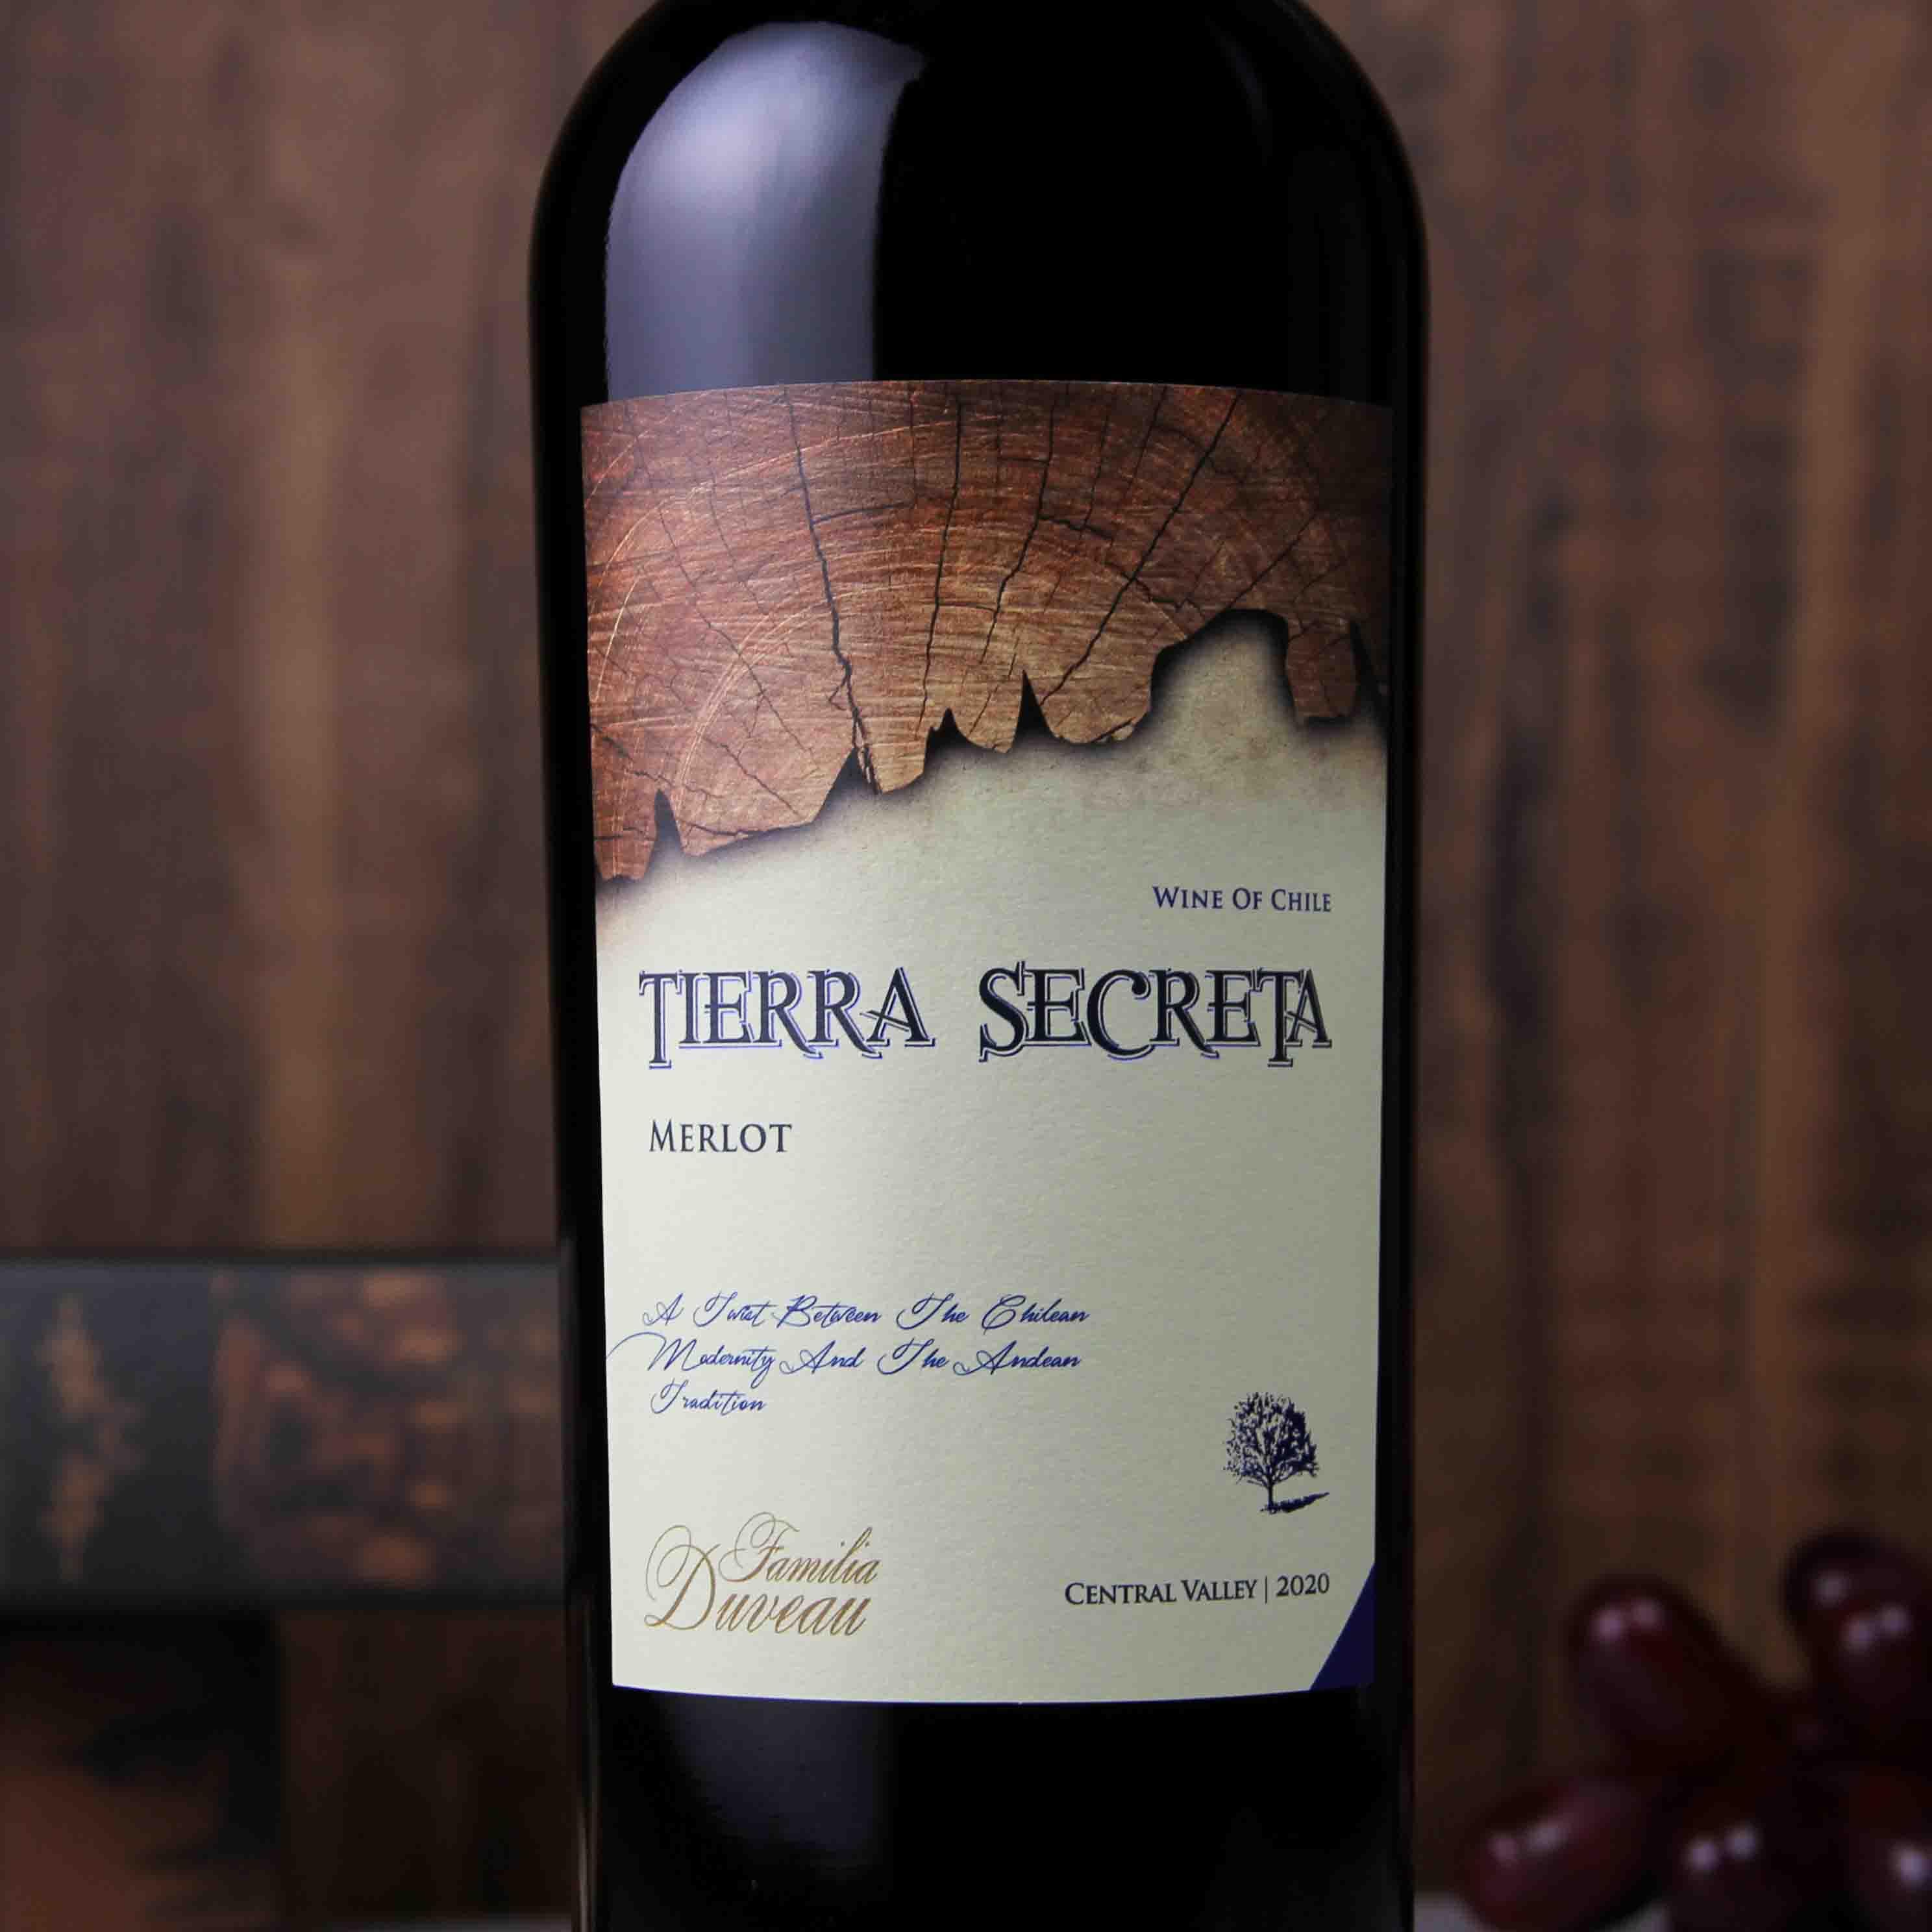 智利中央山谷秘壤美乐红葡萄酒红酒